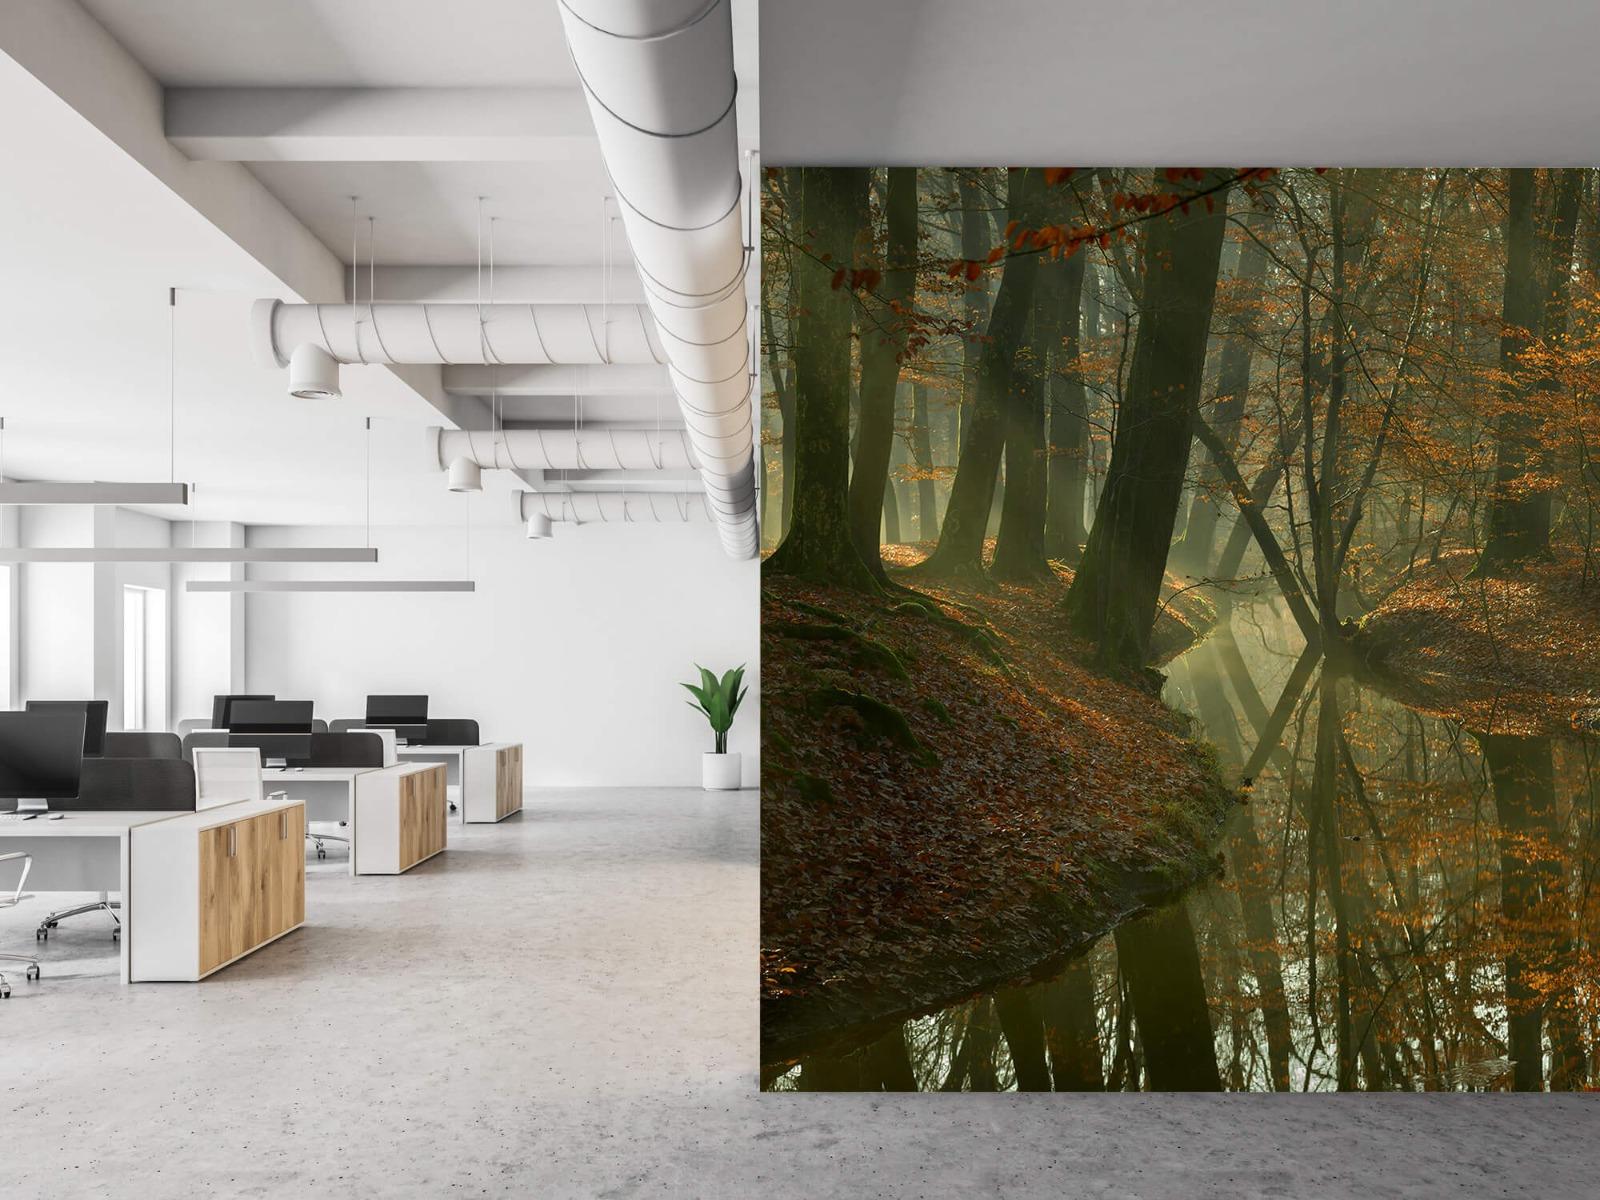 Herfst - Beek door het bos - Slaapkamer 21